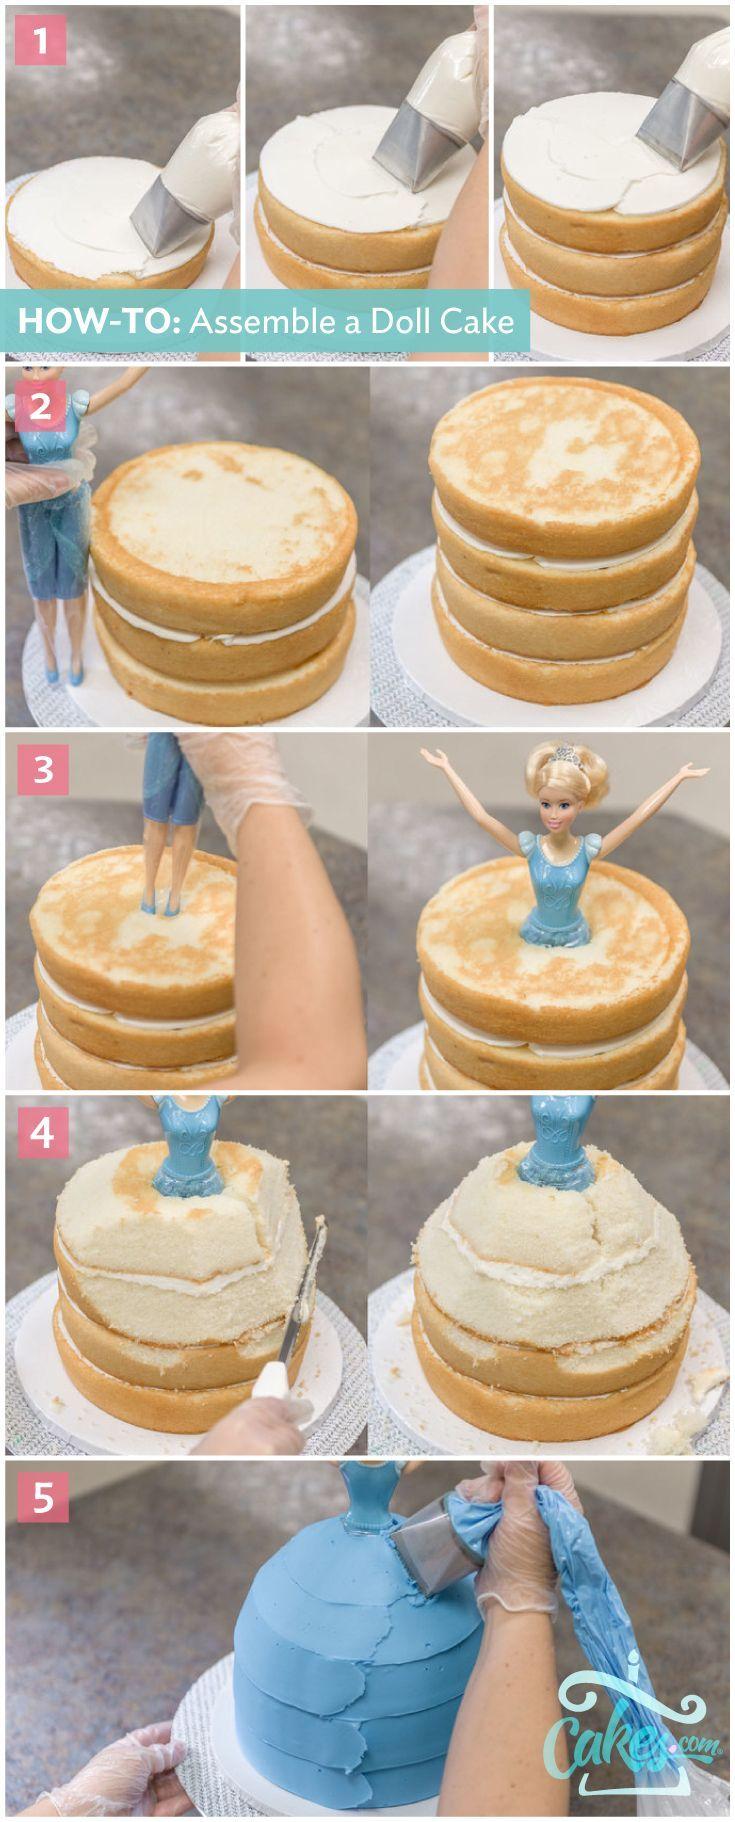 Tutoriais de Confeitaria e Decorao de bolos Disney princess